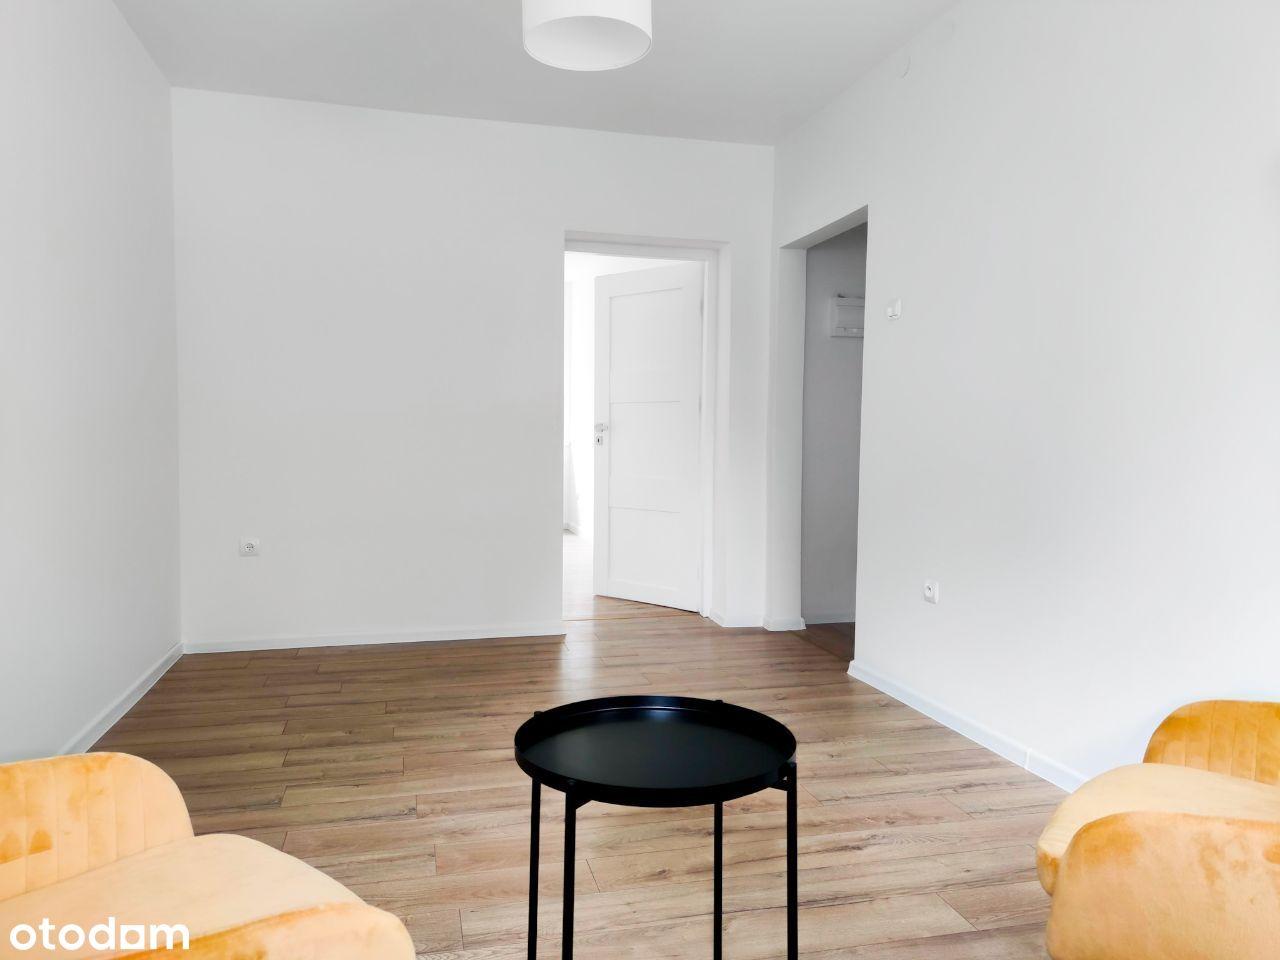 Mieszkanie 38 m2, 2 pokoje, parter + piwnica